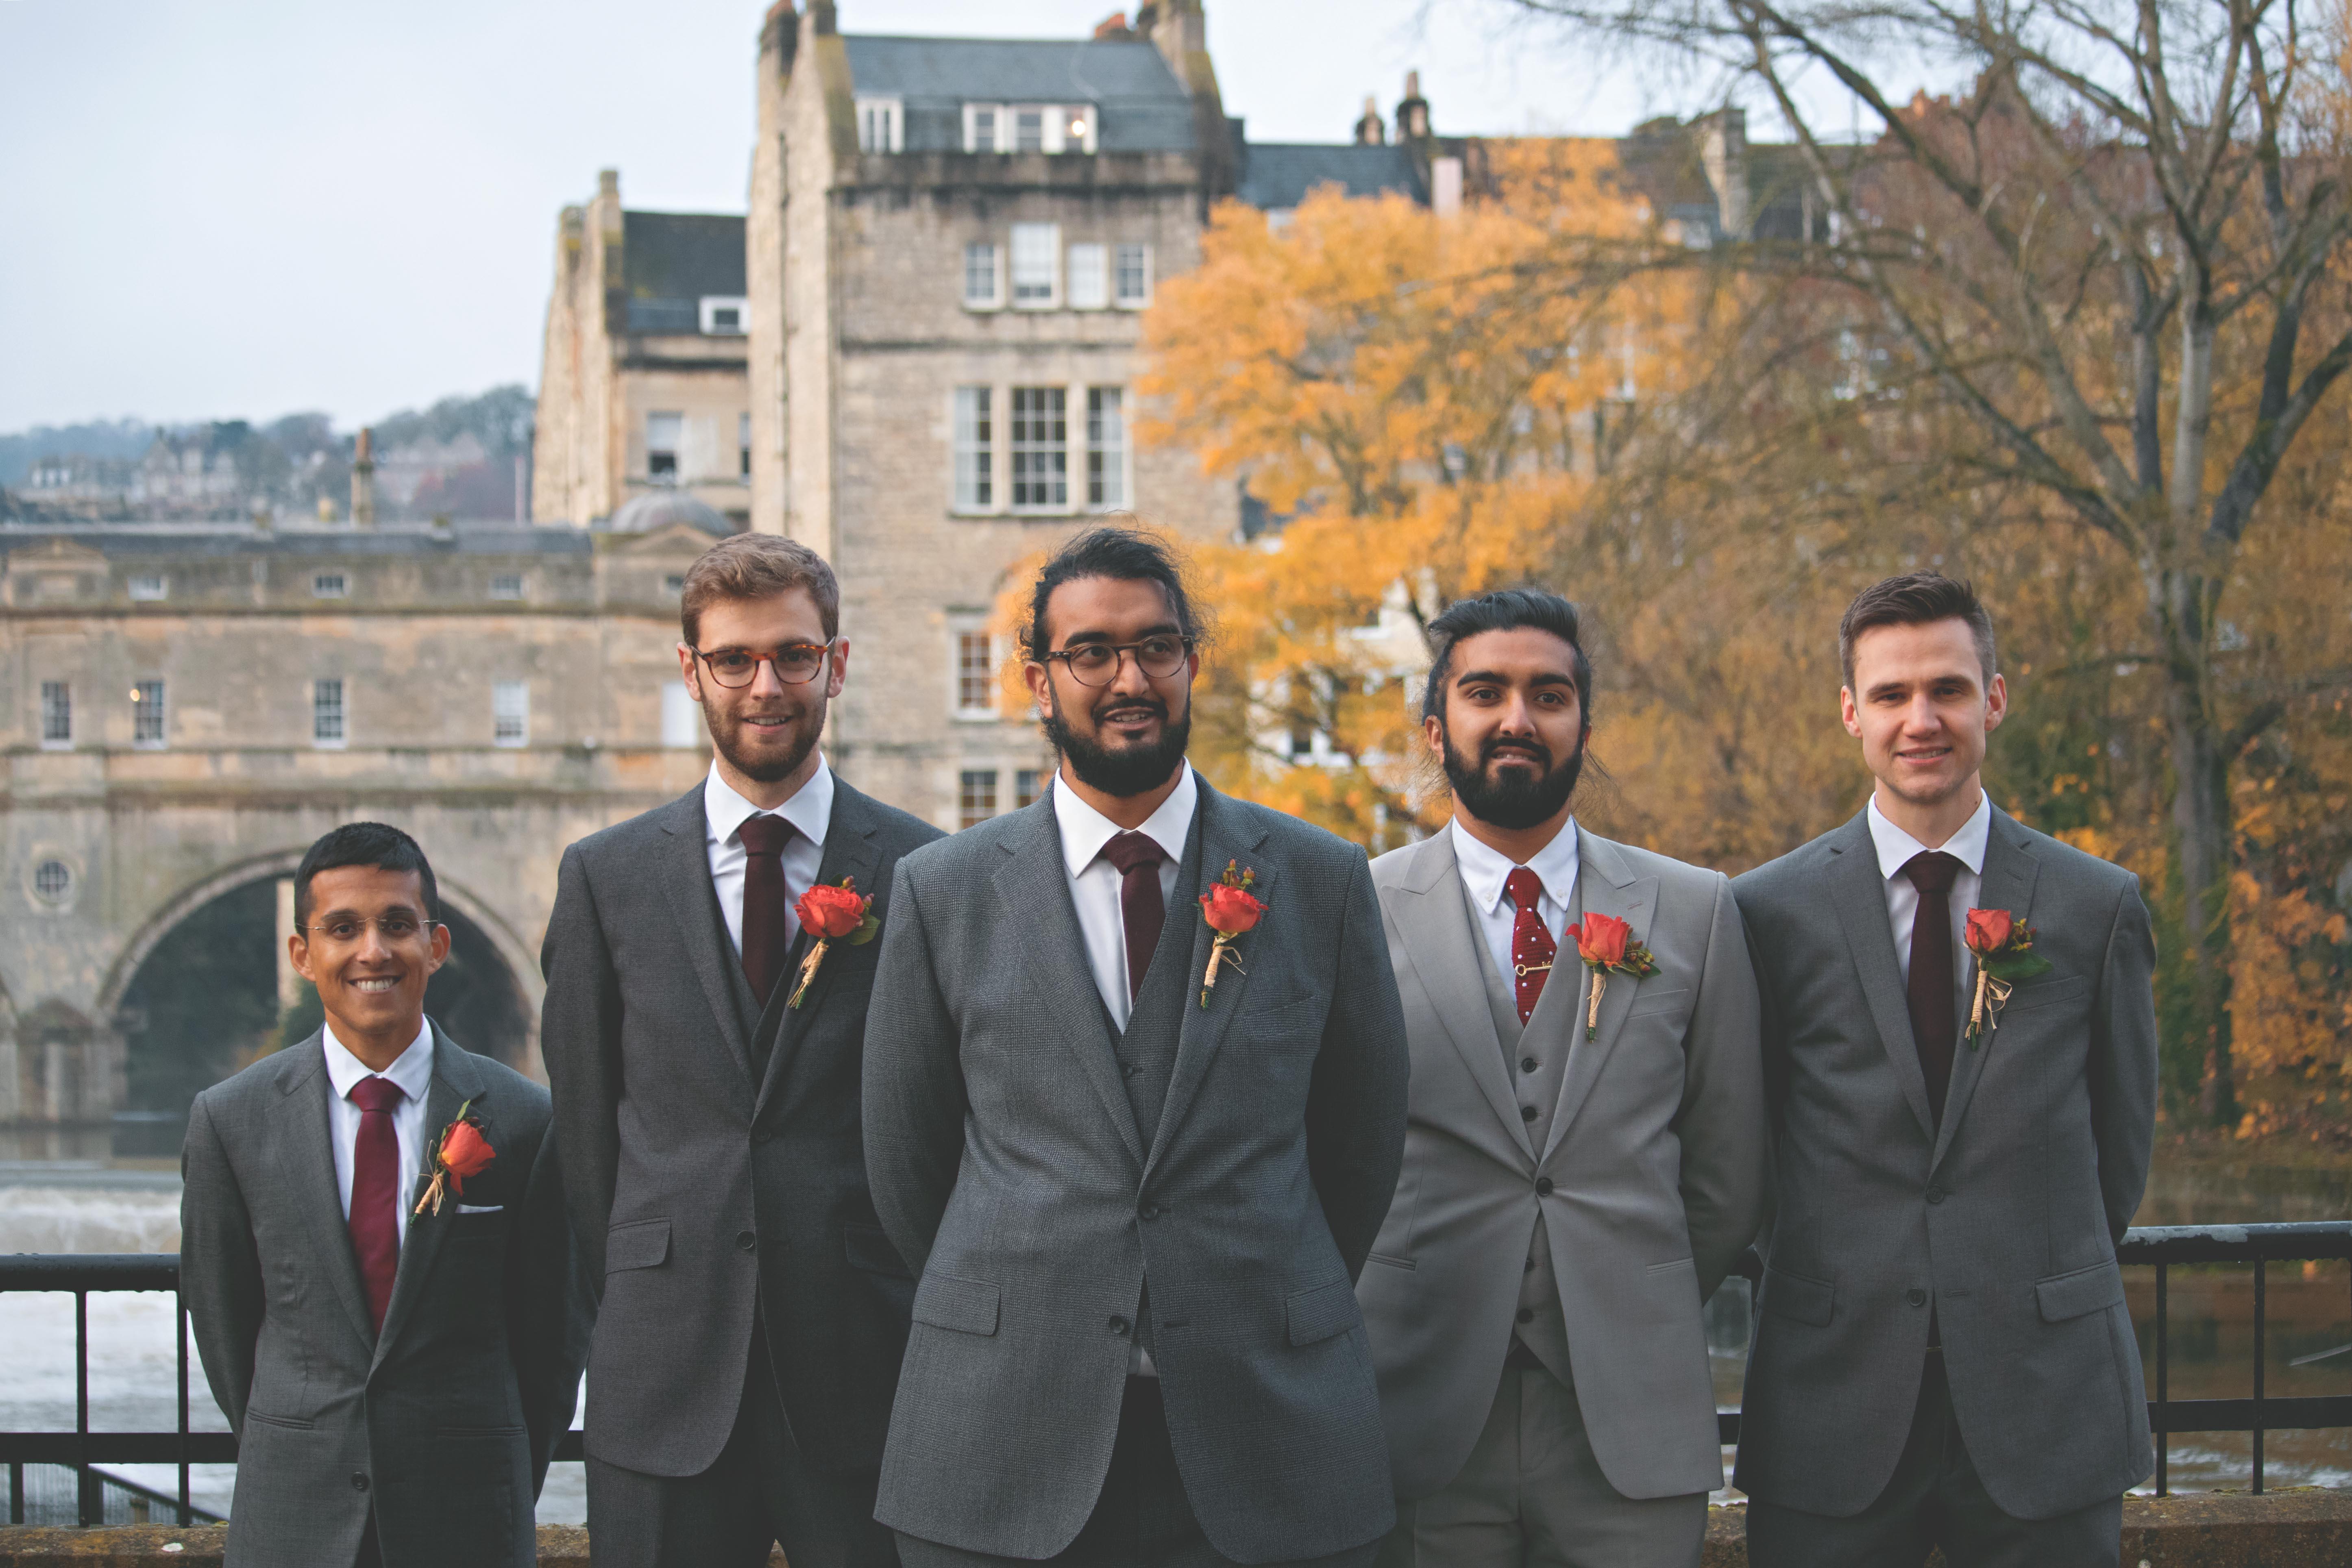 Groomsmen Shots in Somerset Winter Wedding